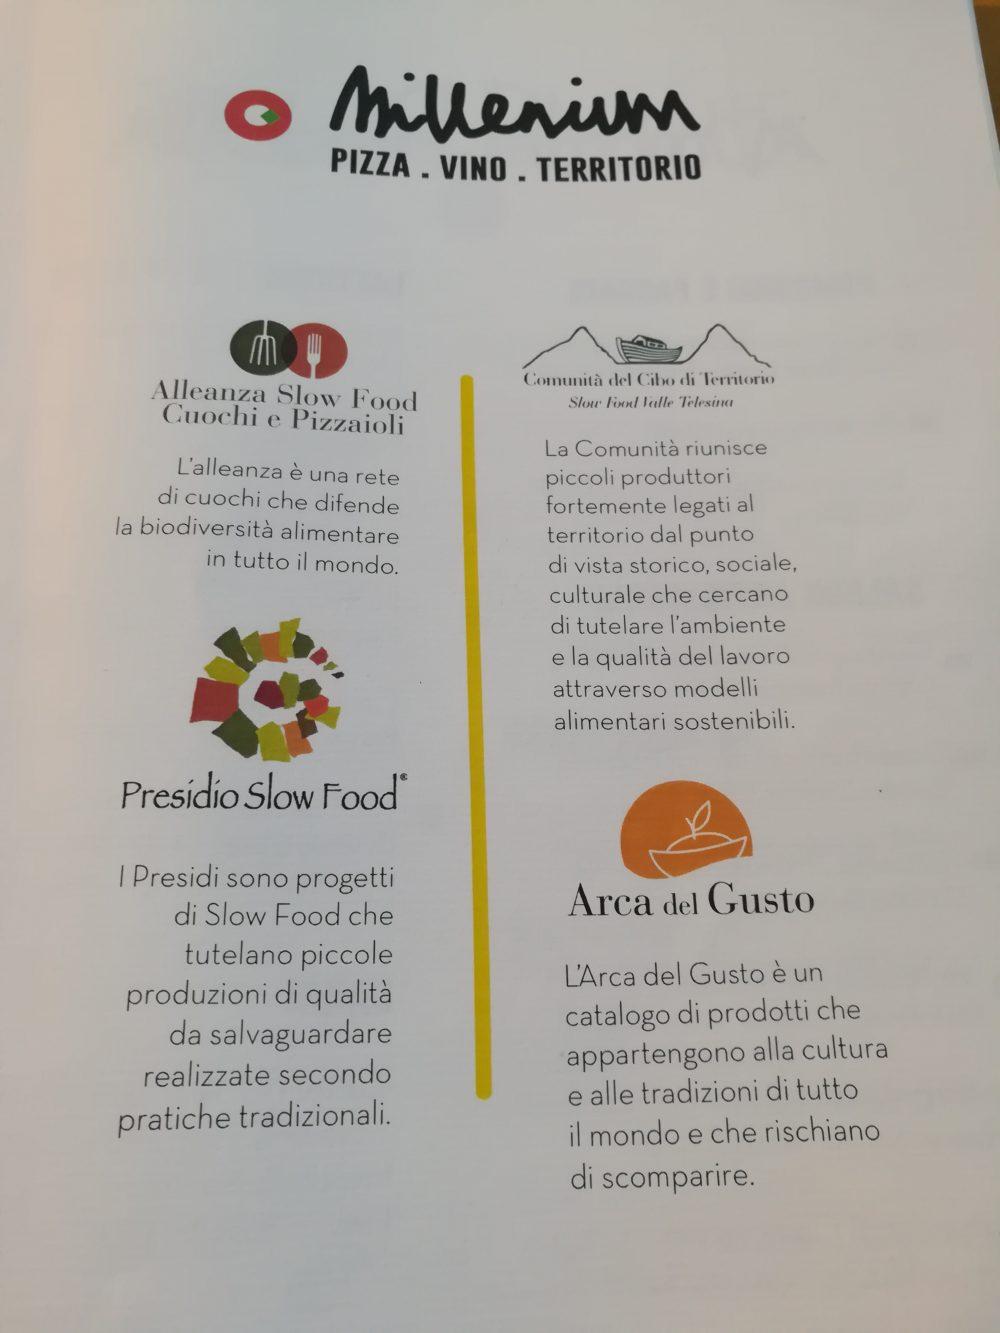 Pizzeria Millenium - I certificati di appartenenza